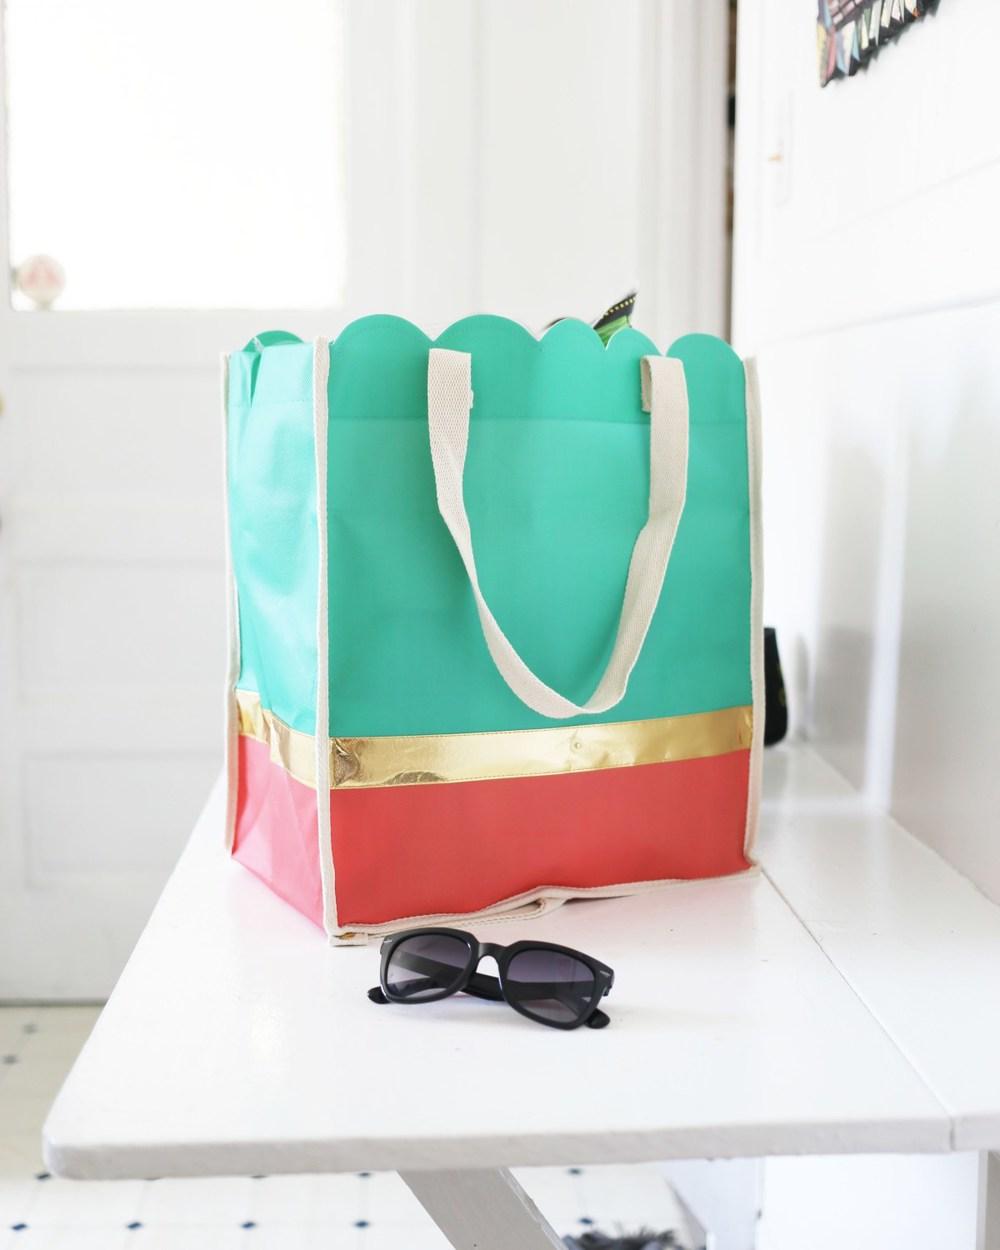 bag ohjoy for target 2